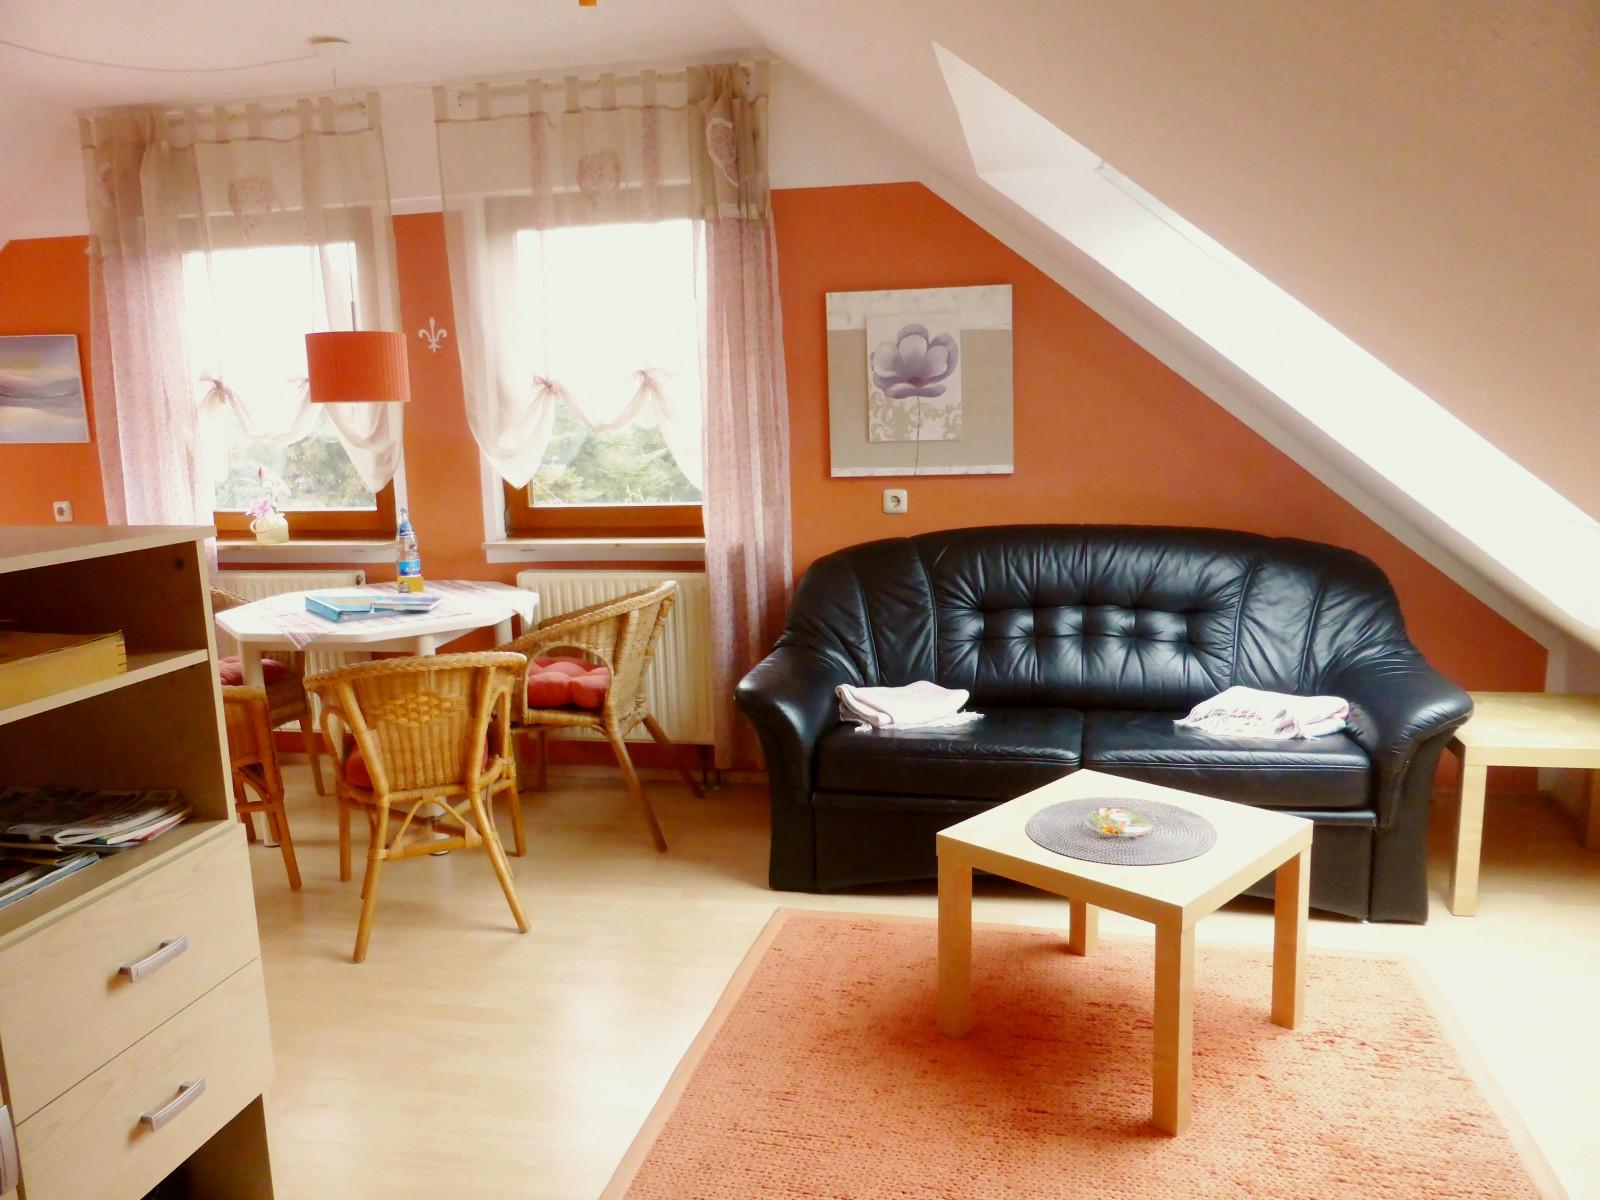 ab 45 ferienwohnung 3 haus erhard in berlin lichtenrade ferienwohnung in berlin. Black Bedroom Furniture Sets. Home Design Ideas